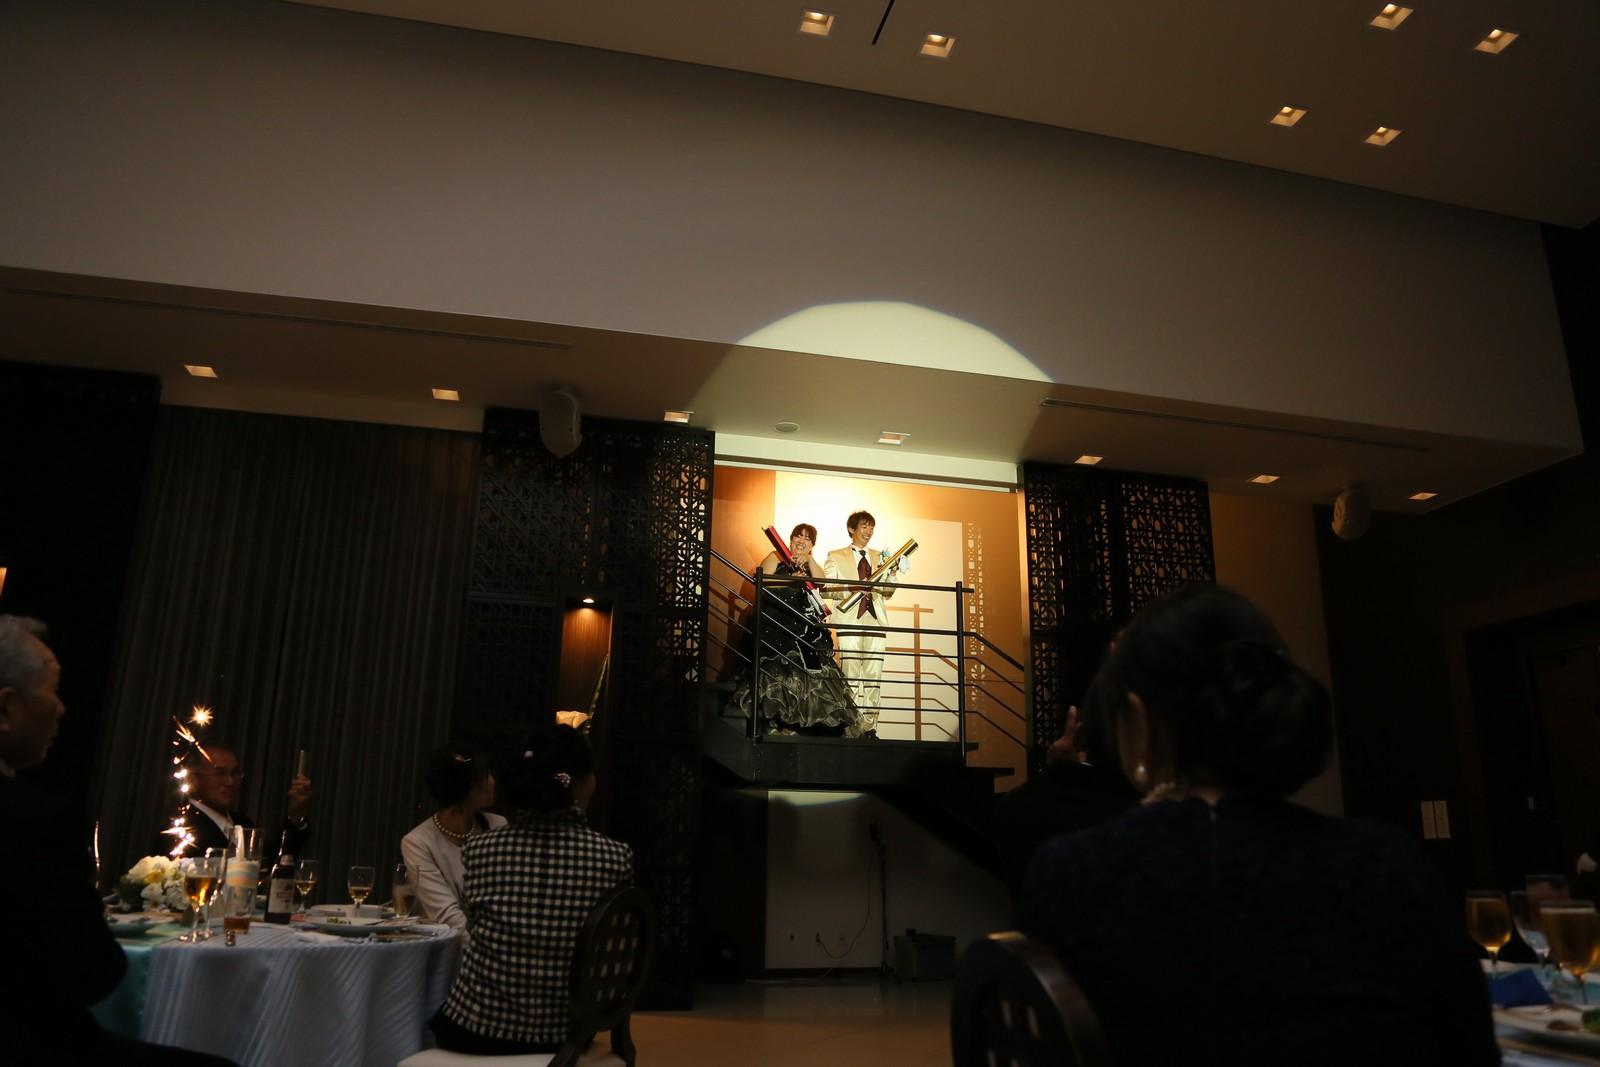 徳島市の結婚式場ブランアンジュのシルエット入場後は、ジャンボクラッカーでサプライズ